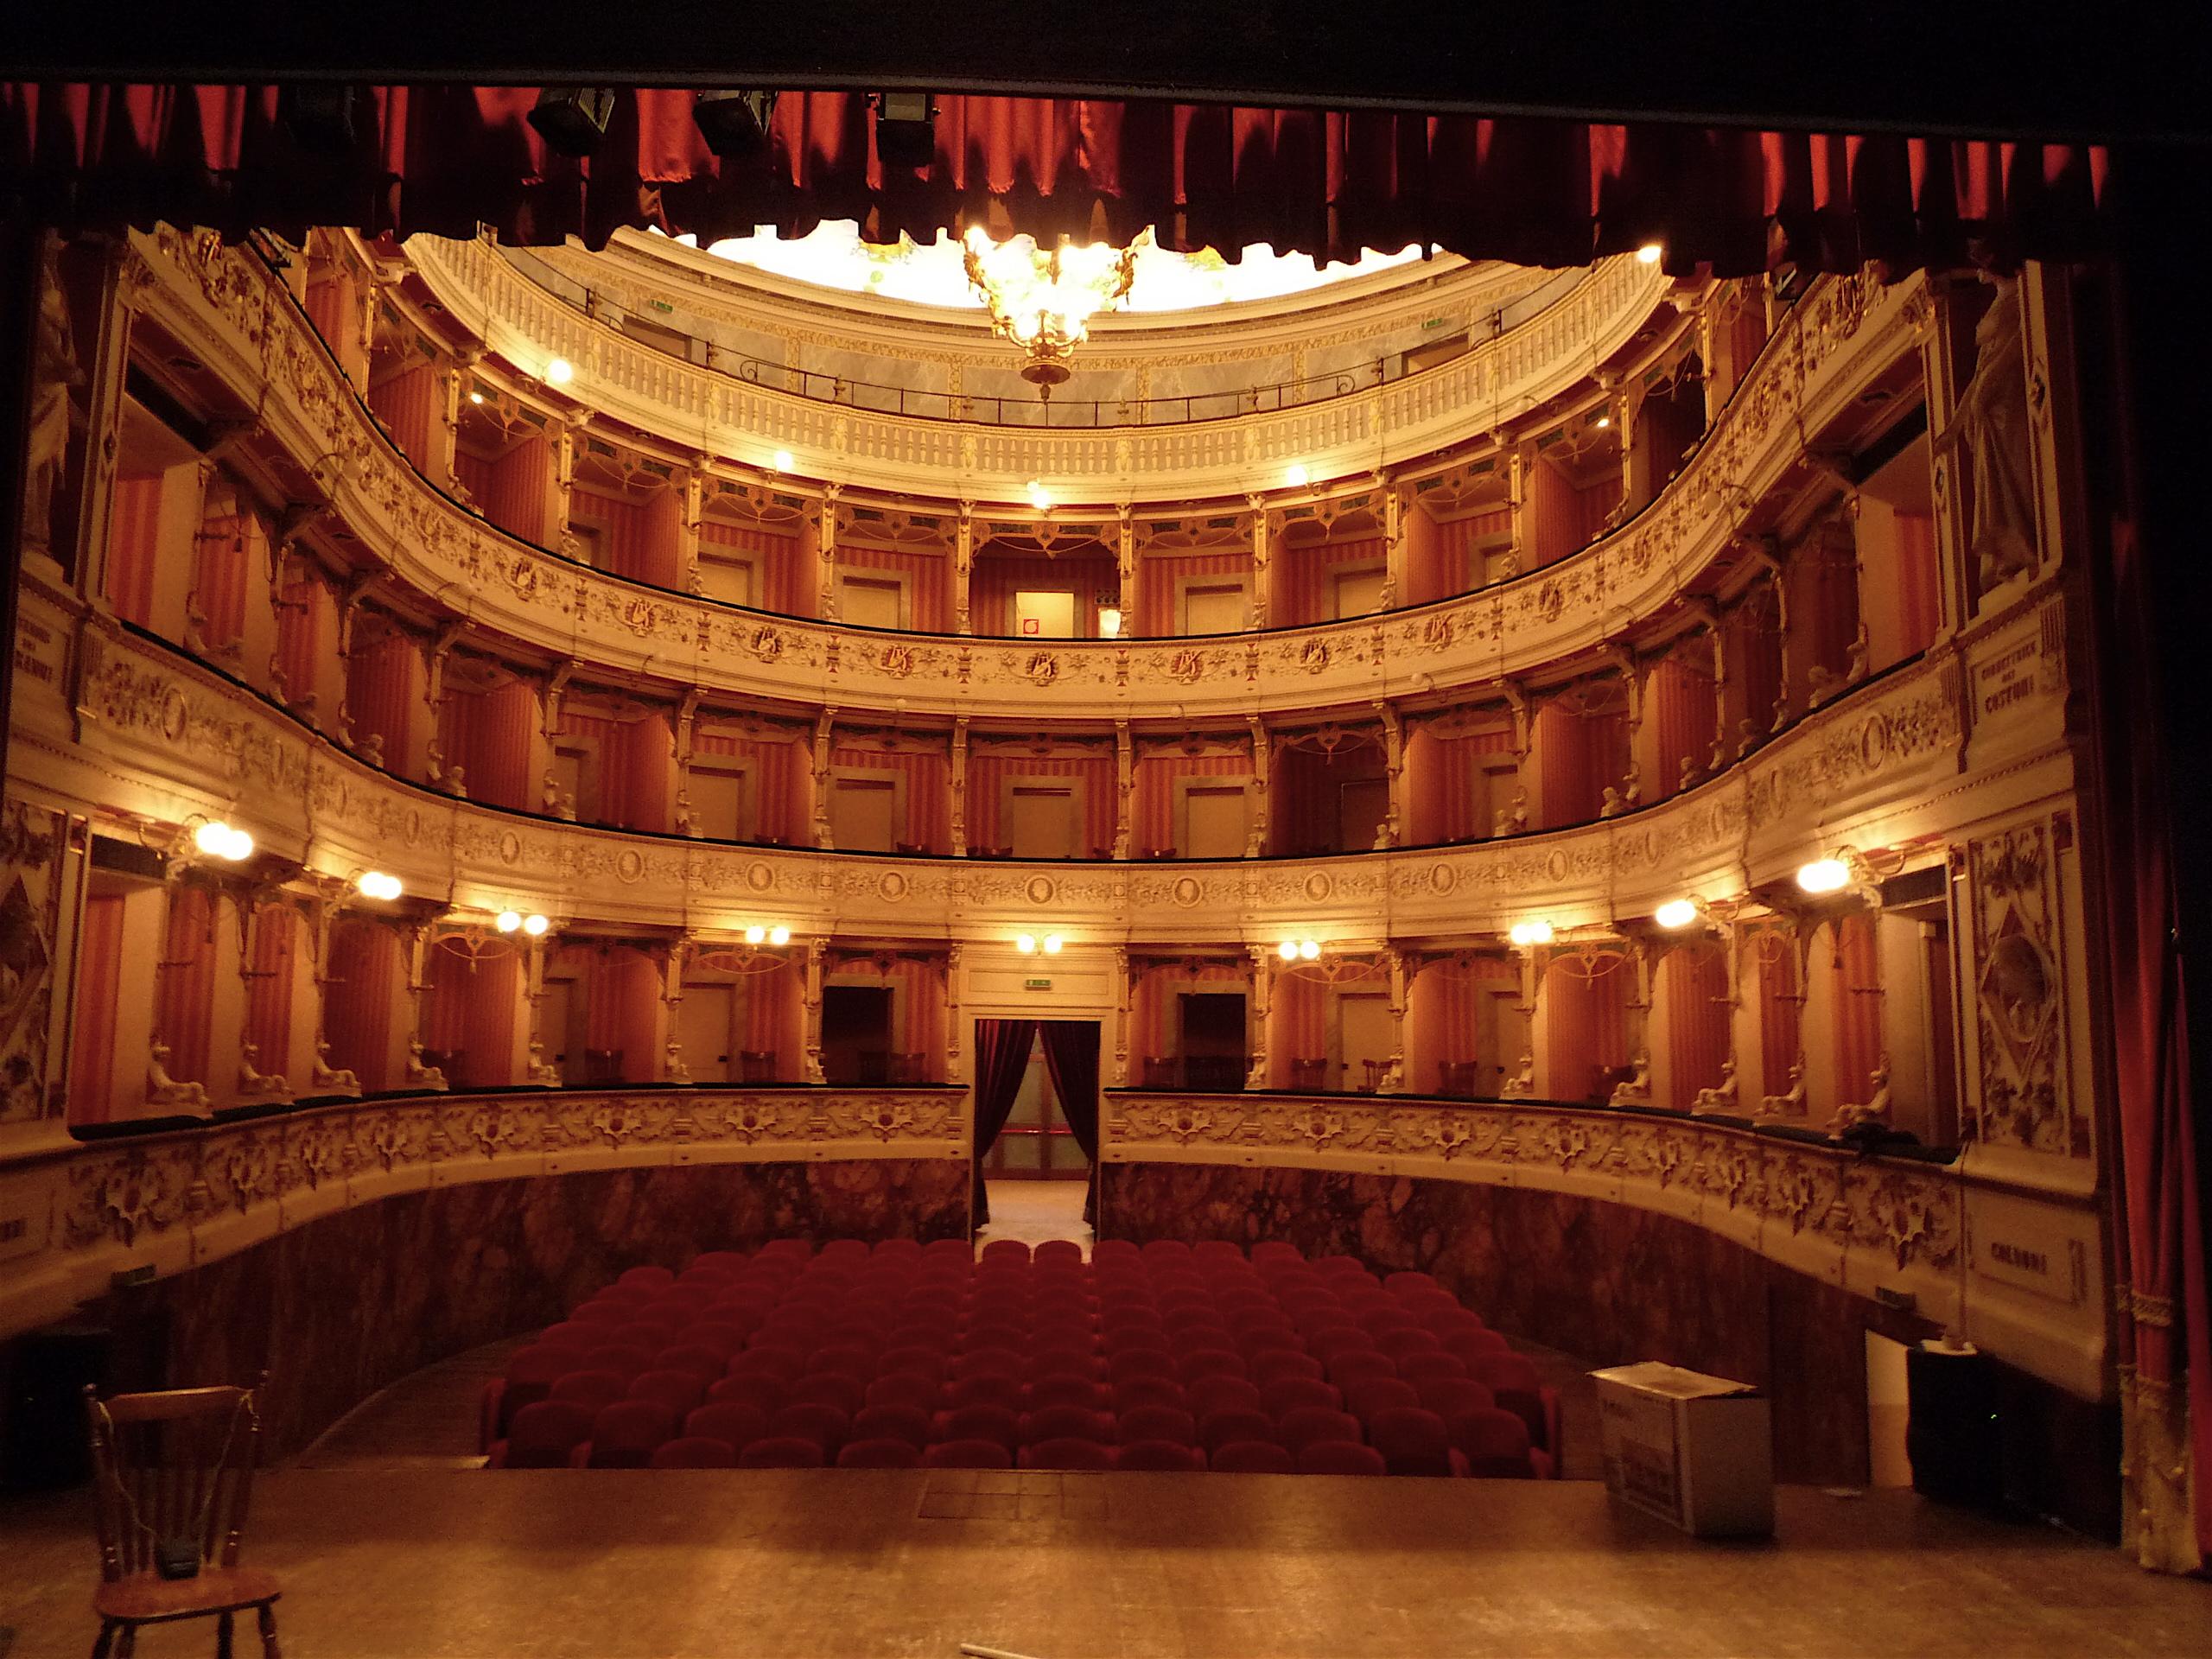 File:Cagli Teatro auditorium.jpg - Wikimedia Commons